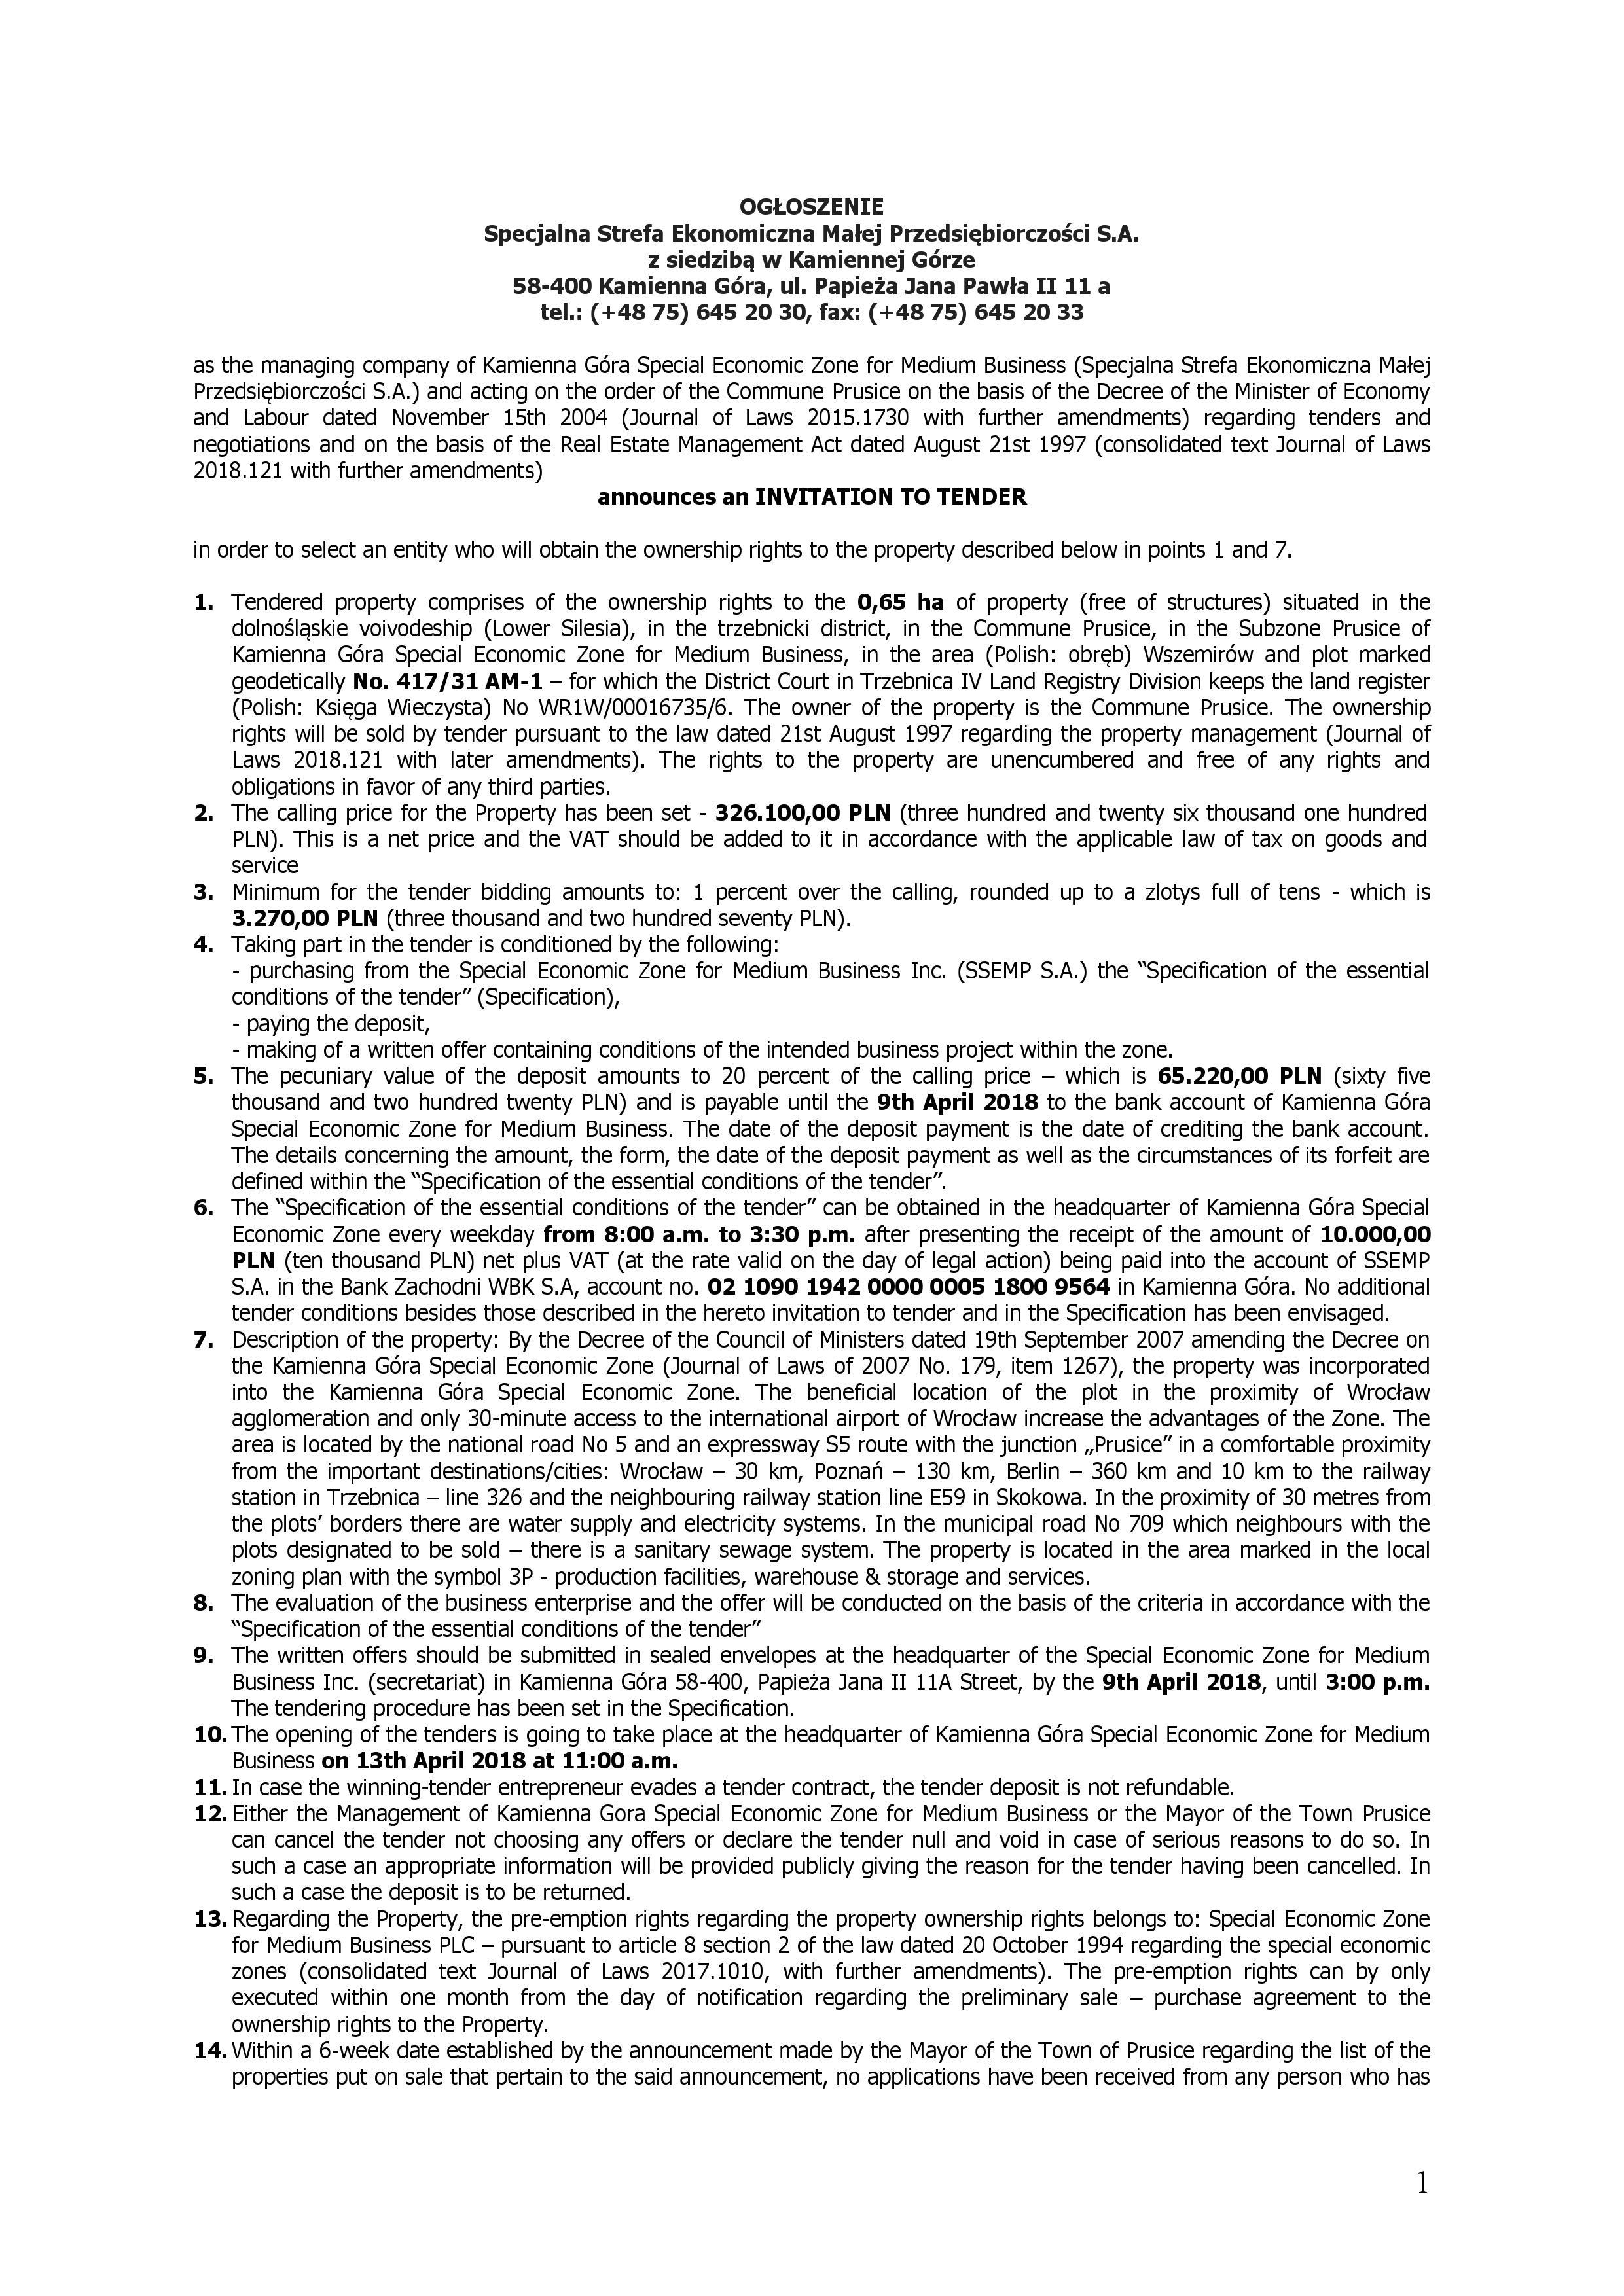 prusice przetarg 05.09 en01